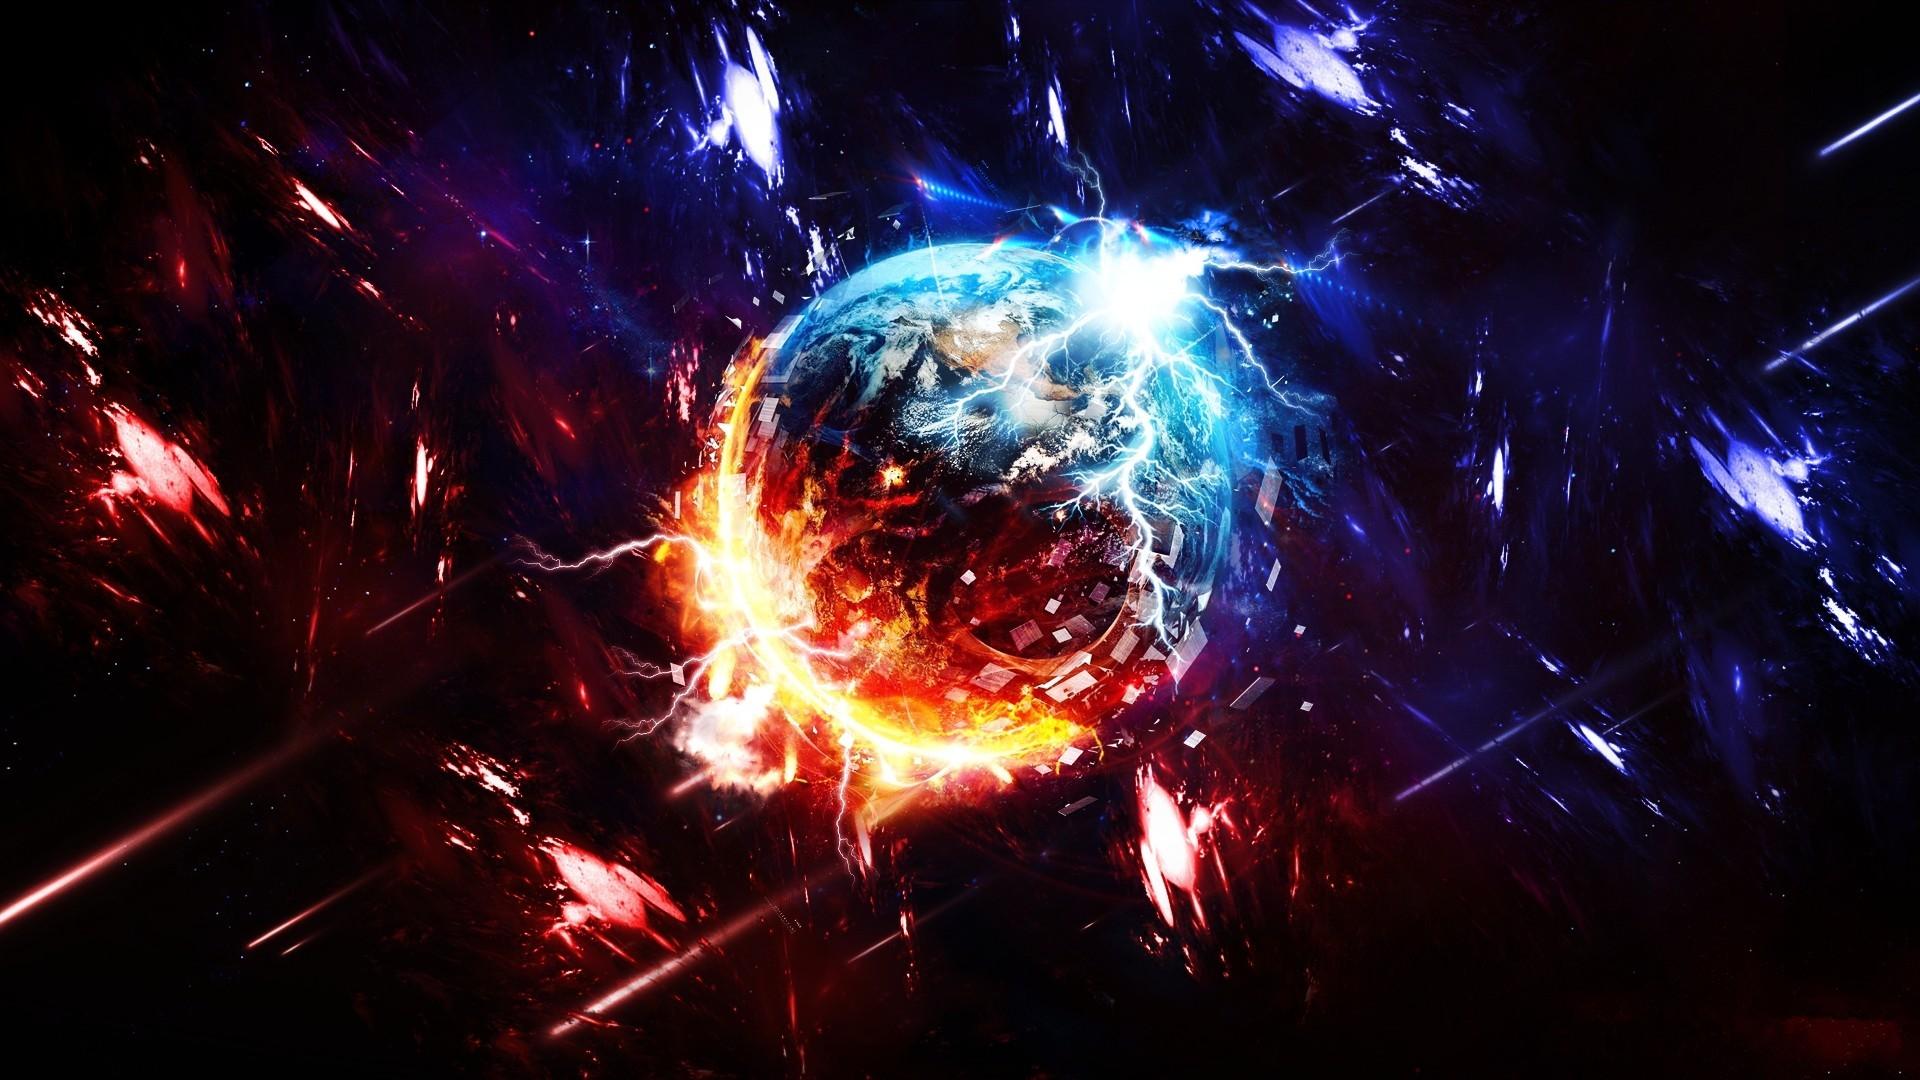 General 1920x1080 space planet destruction